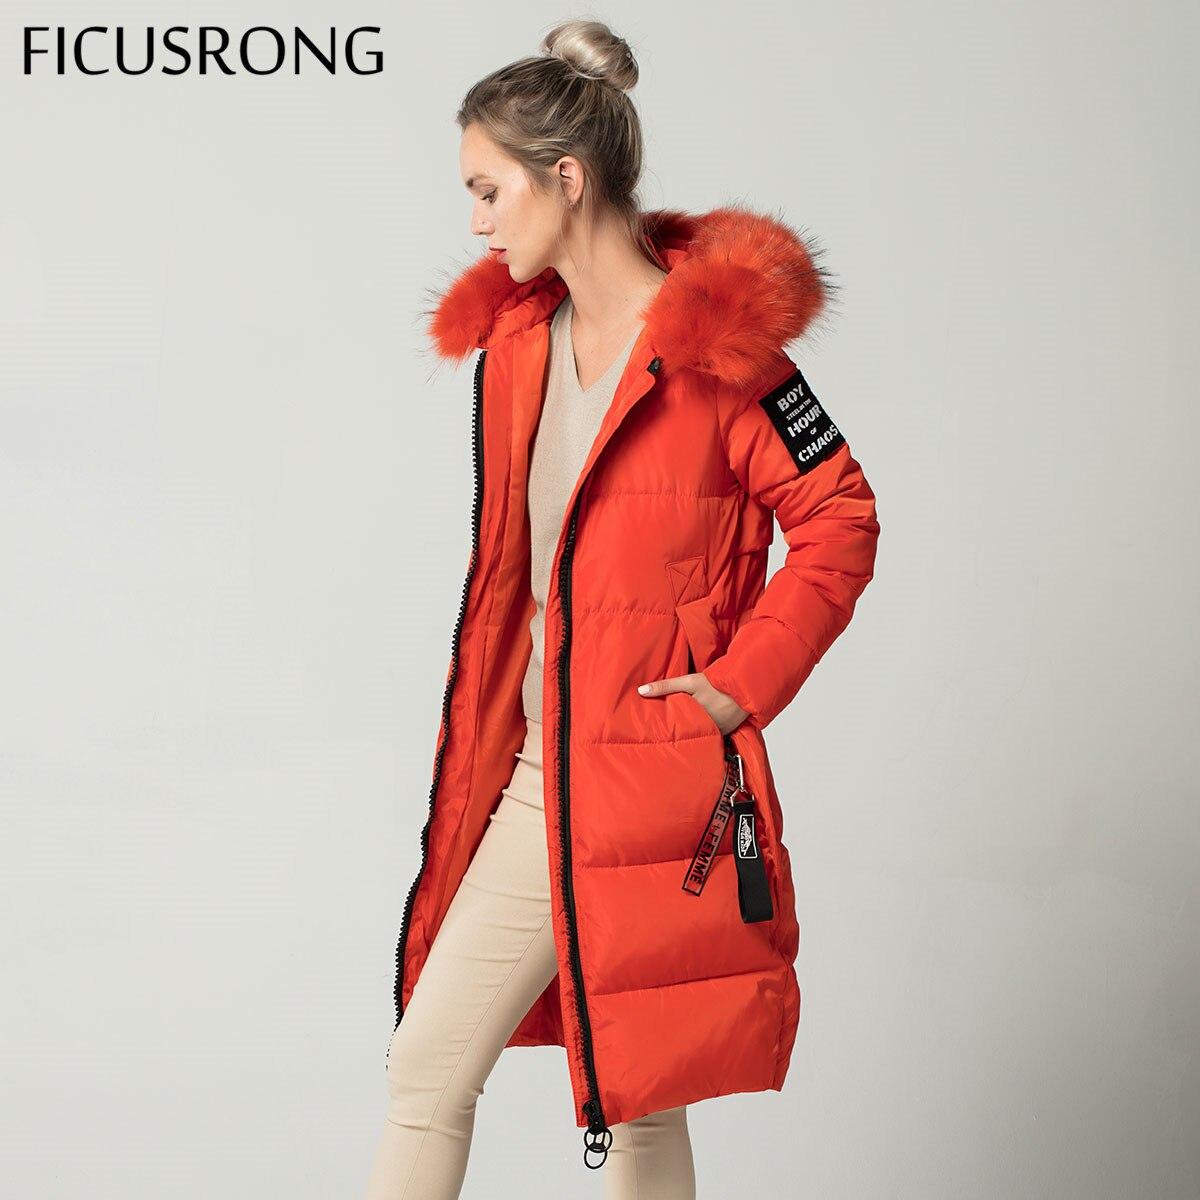 Solid Orange Causal Long Winter Jacket Women Slim Female Wadded Jacket Winter Women Hooded   Parkas   Warm Fur Coat FICUSRONG